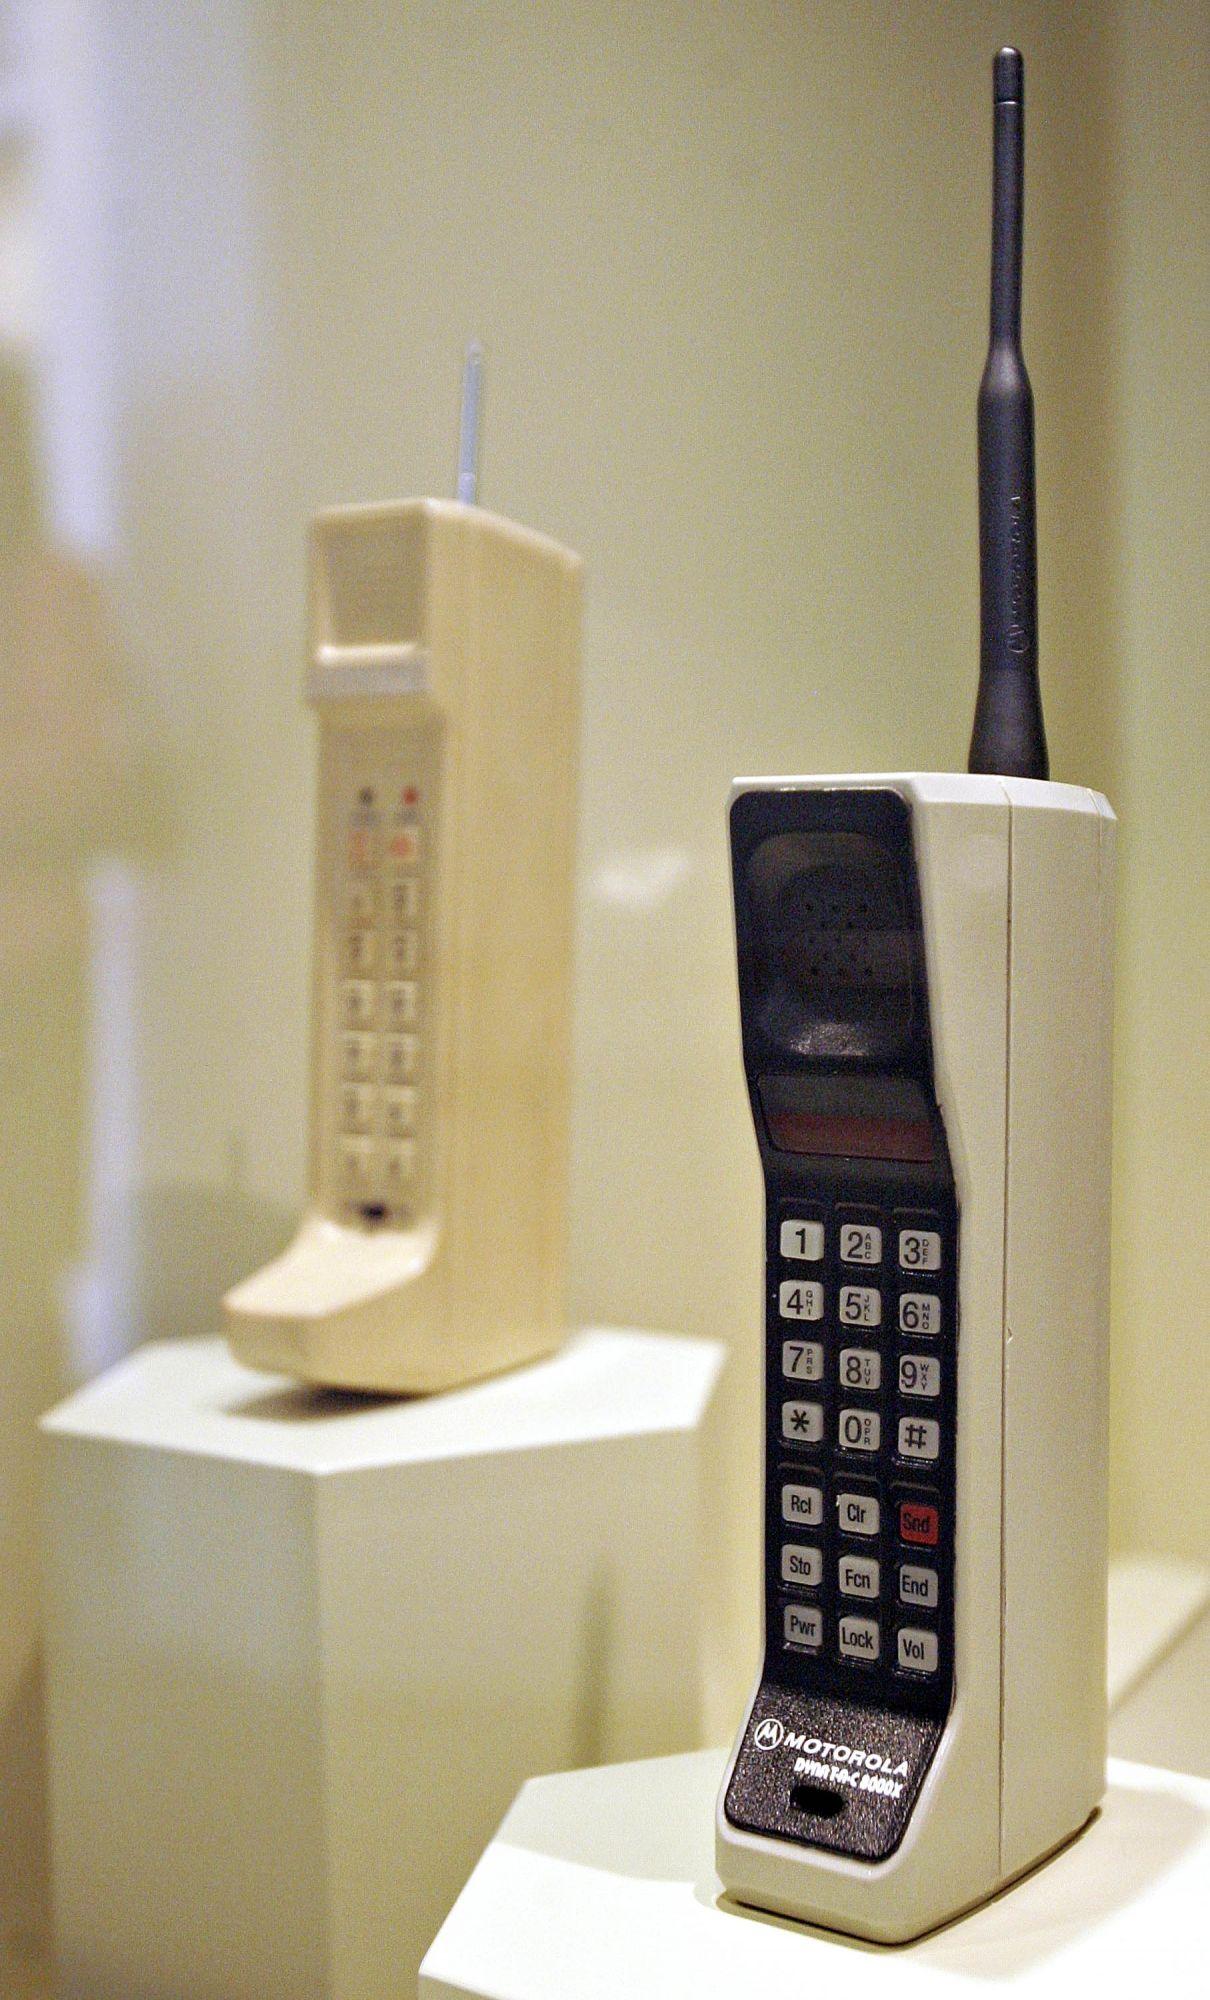 Motorola DYNA T-A-C 8000X